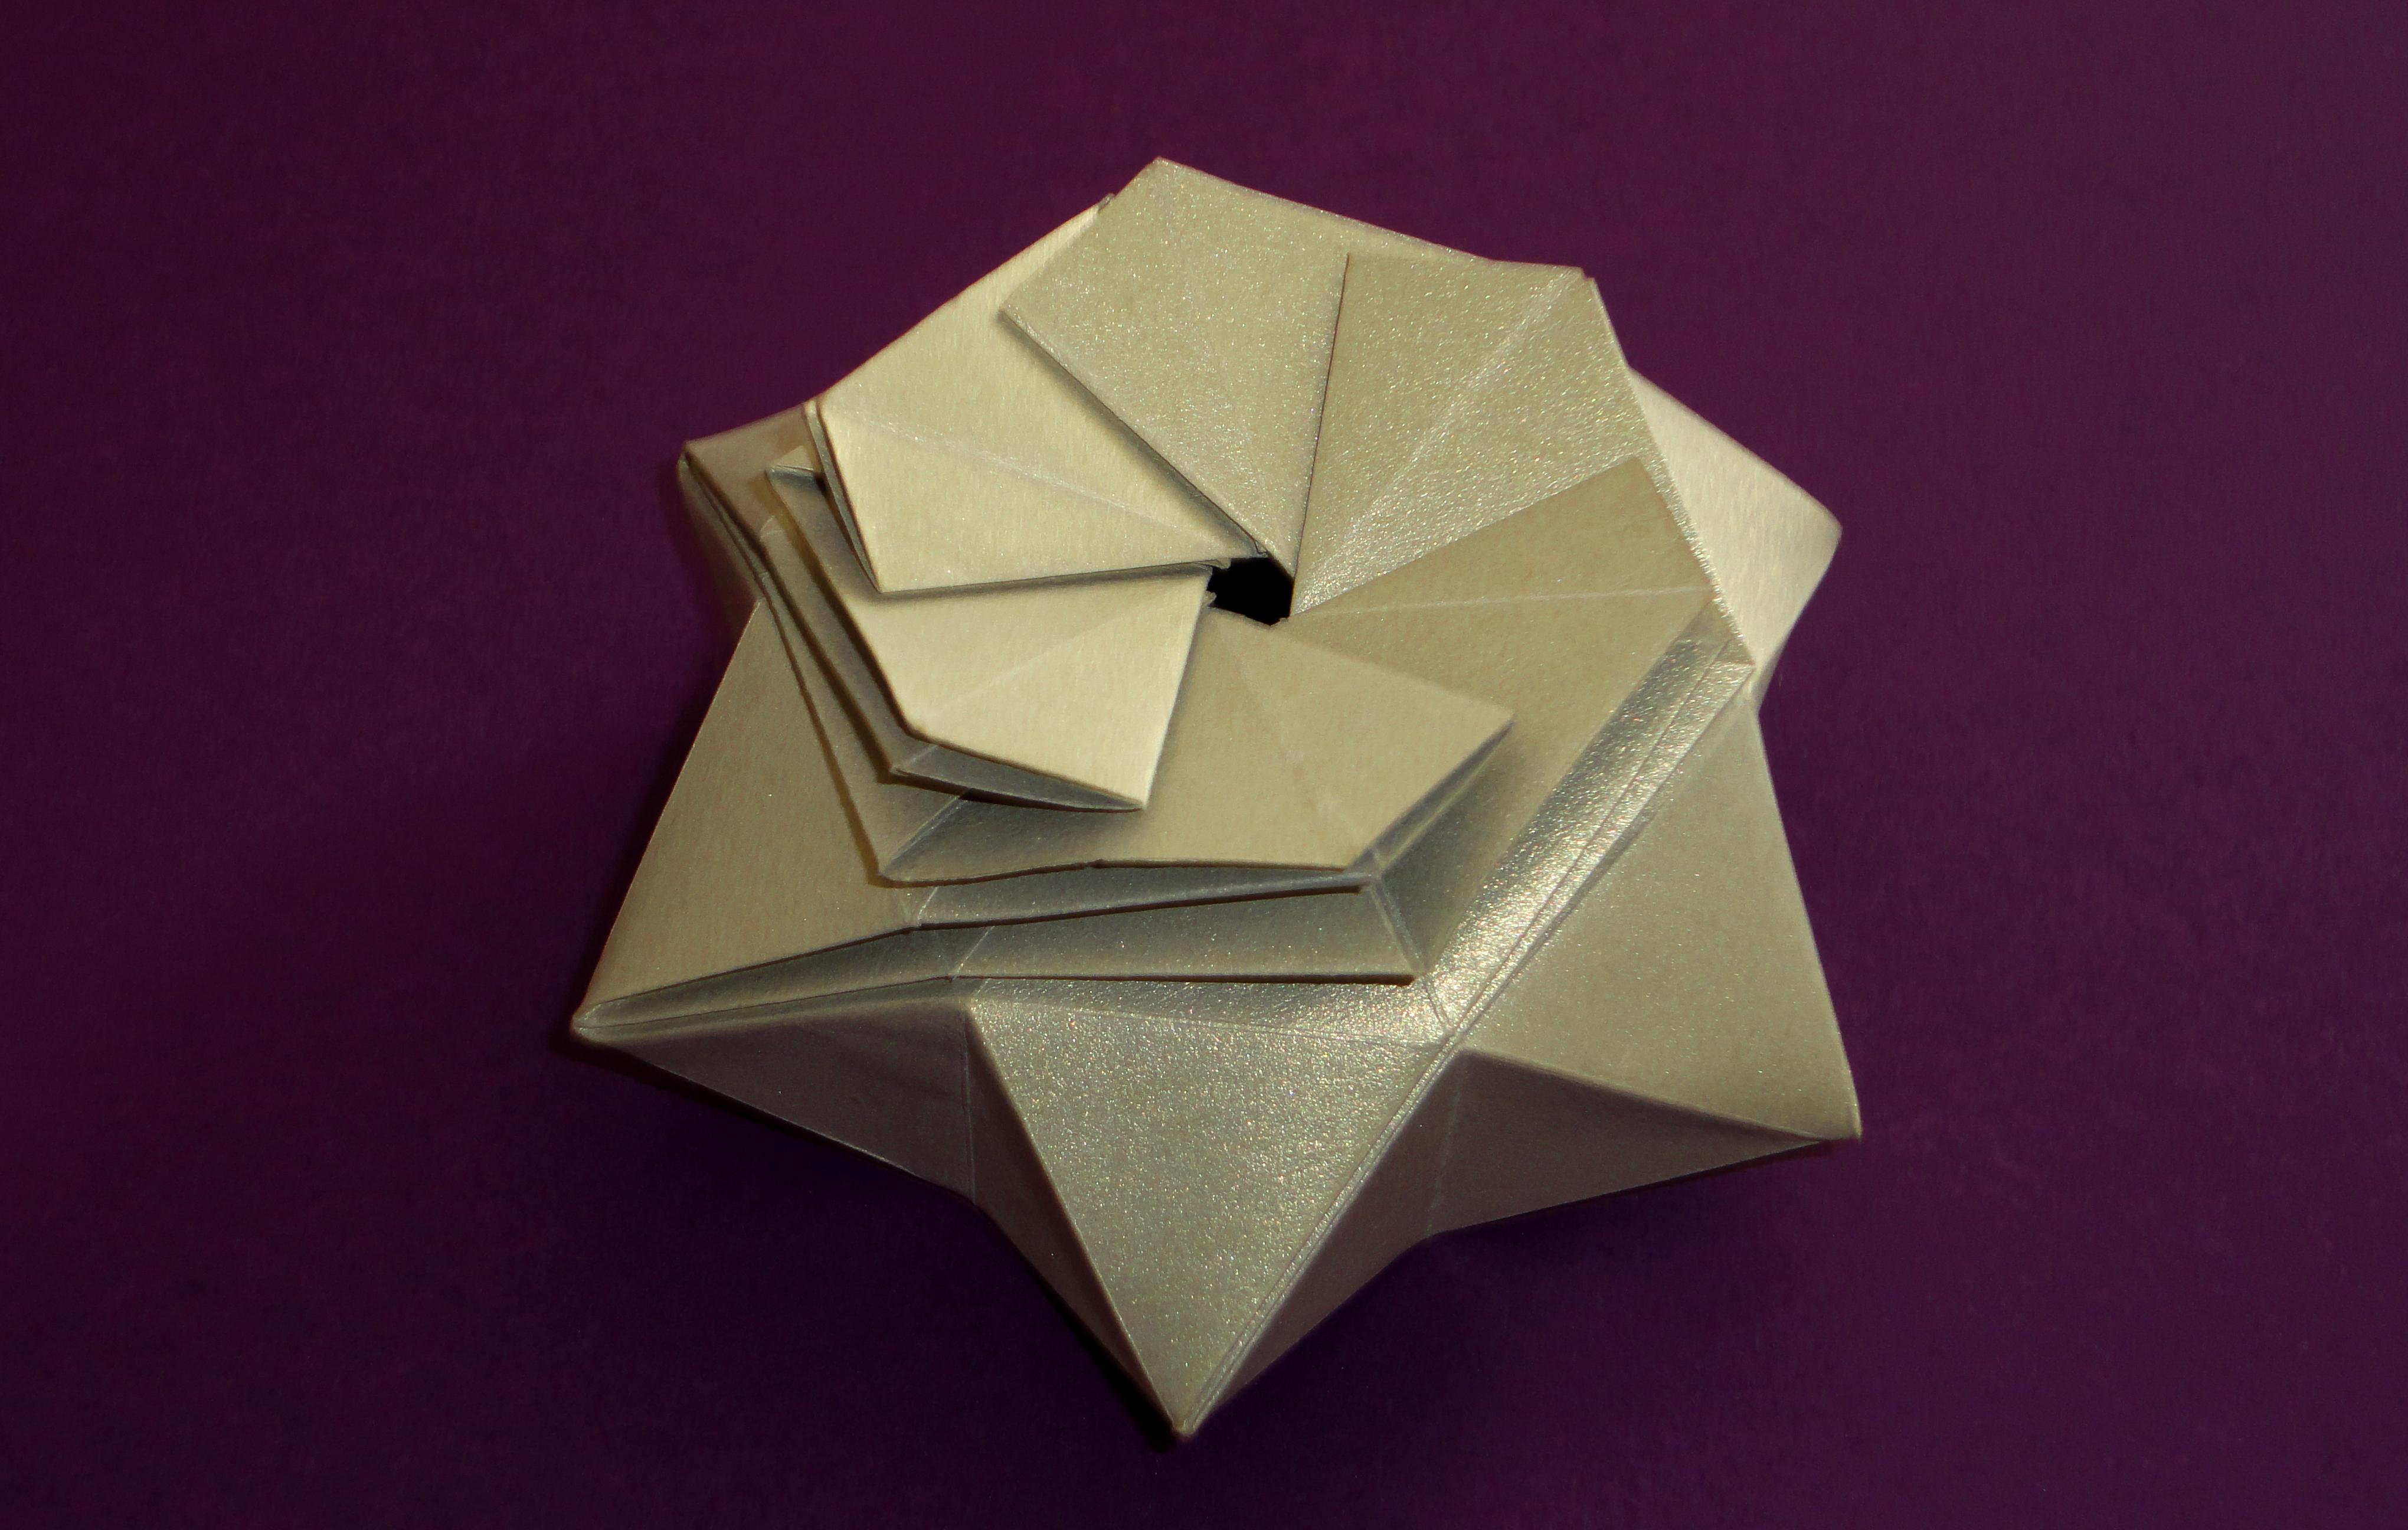 Lembancinha Caixa Origami No Elo7 Origami Star 8e3605